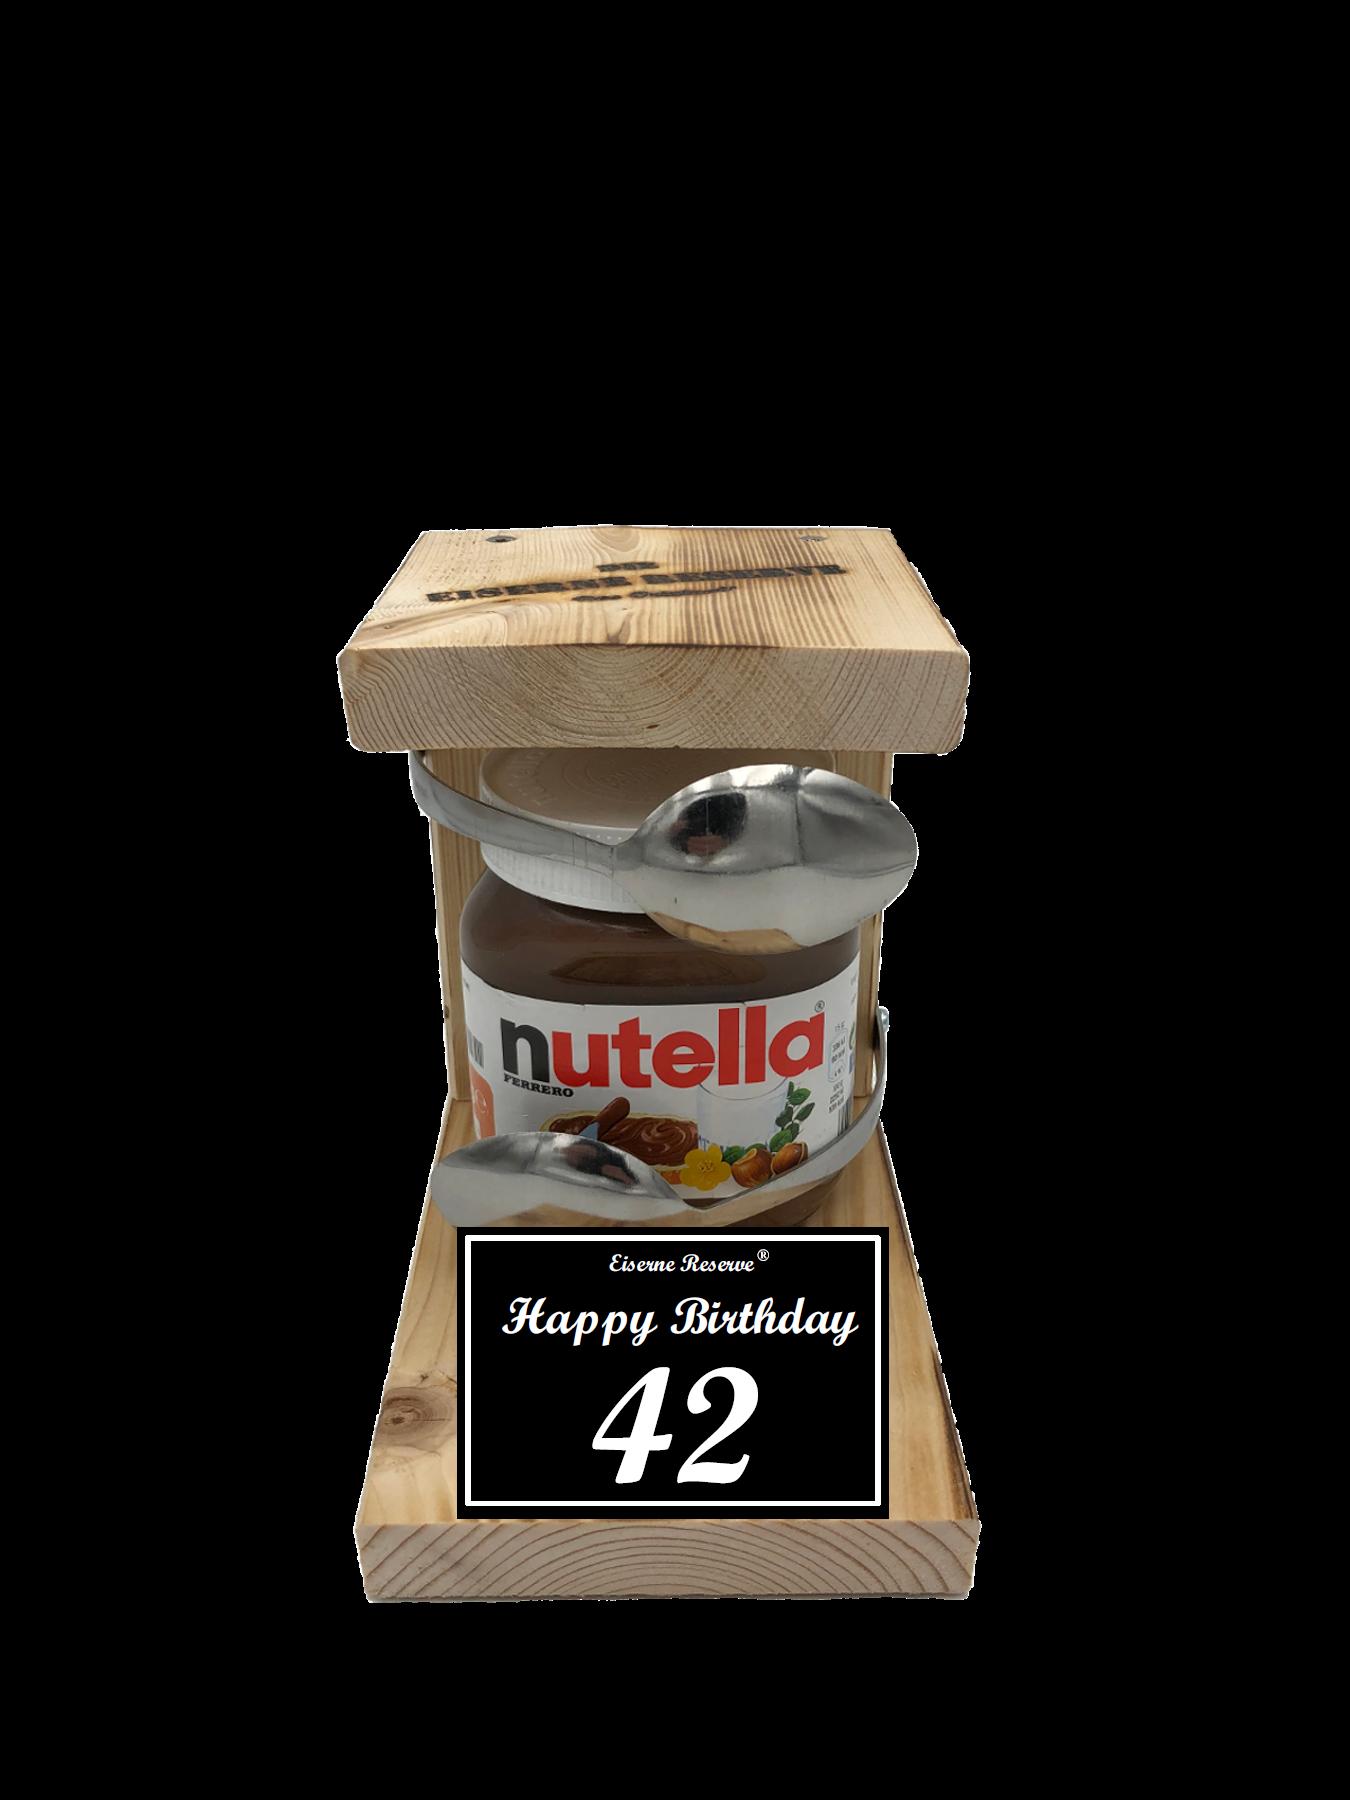 42 Happy Birthday Löffel Nutella Geschenk - Die Nutella Geschenkidee